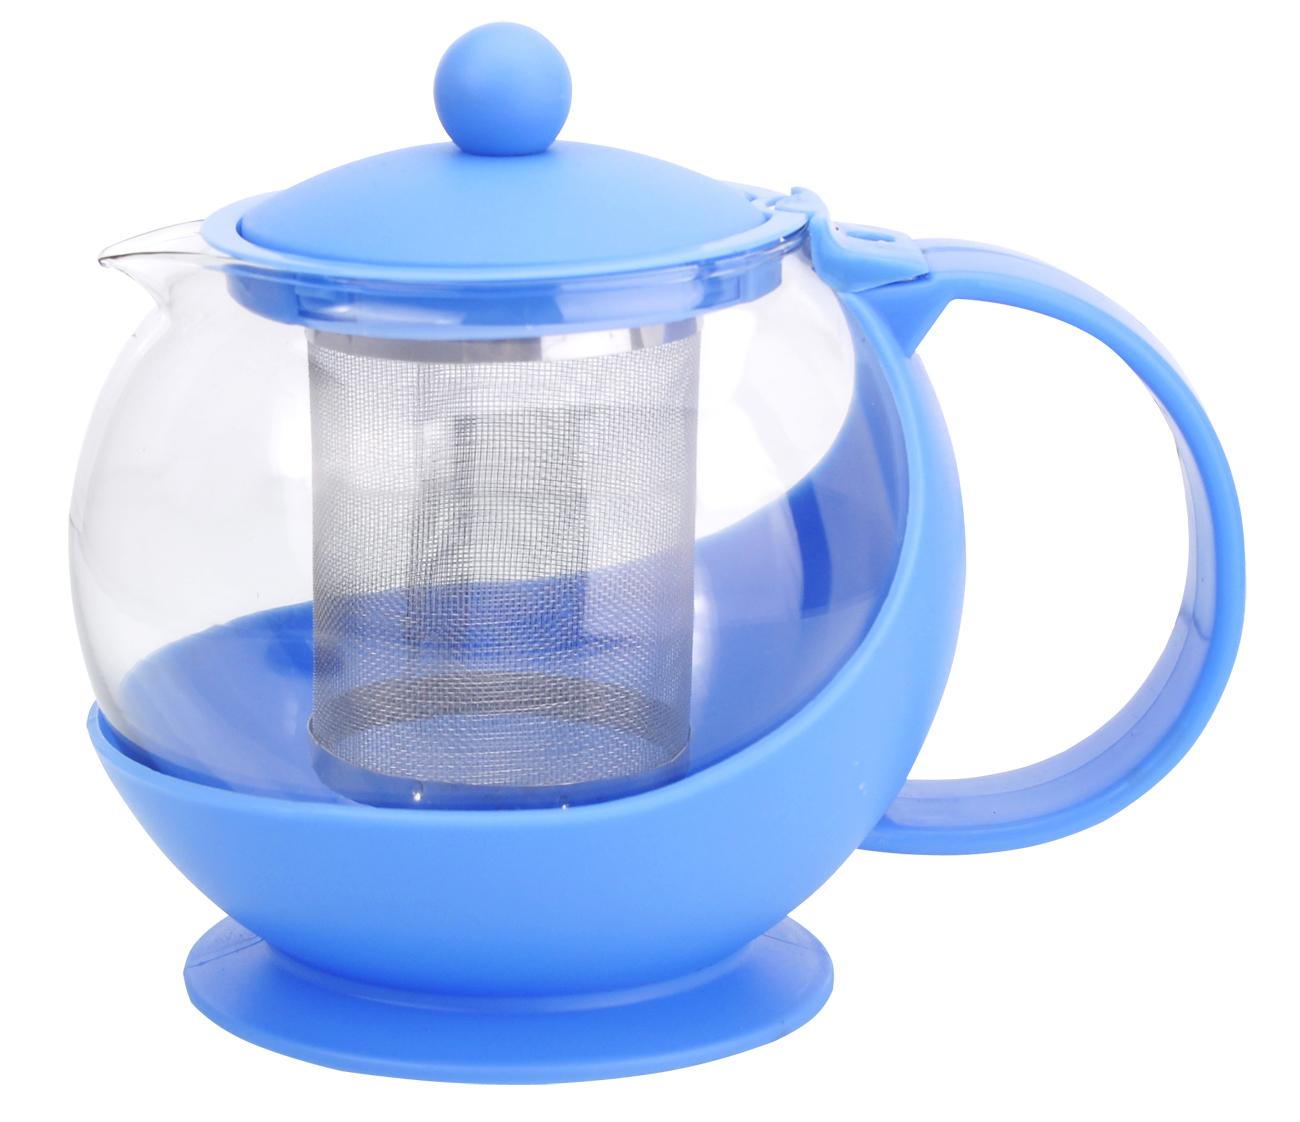 Чайник заварочный МФК-профит, стеклянный, цвет: голубой, 750 млA108